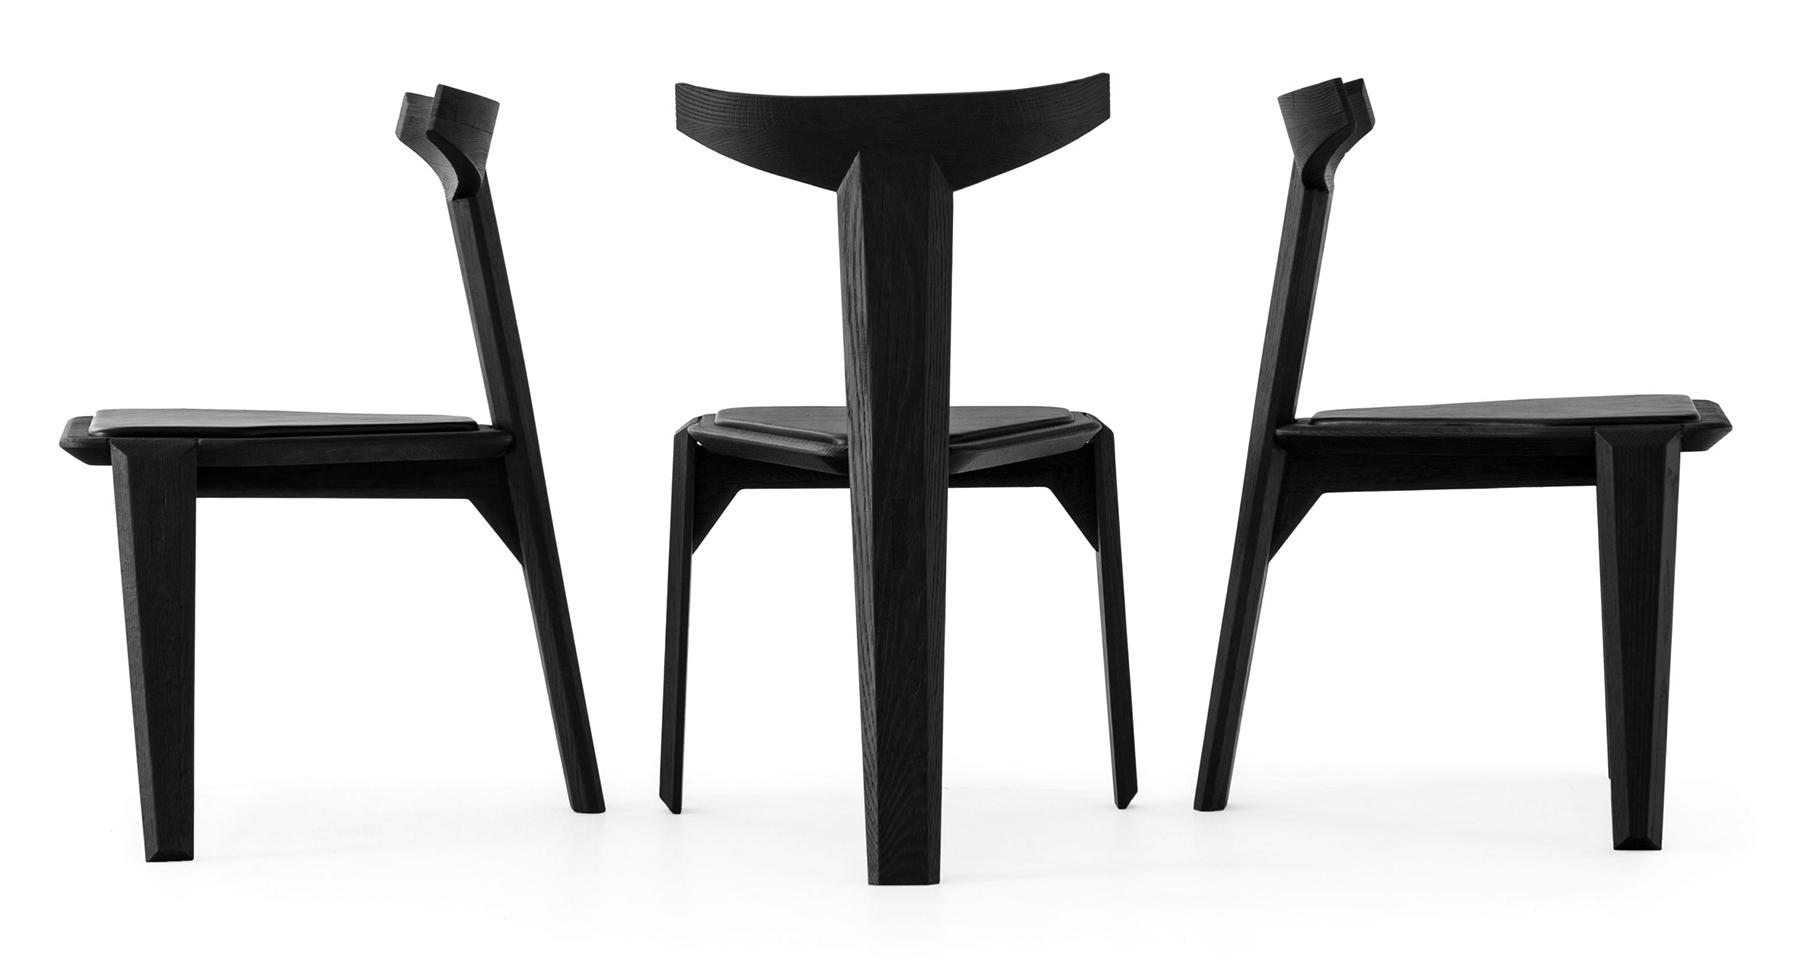 iGNANT-Design-EWE-Studio-Alquimia-17